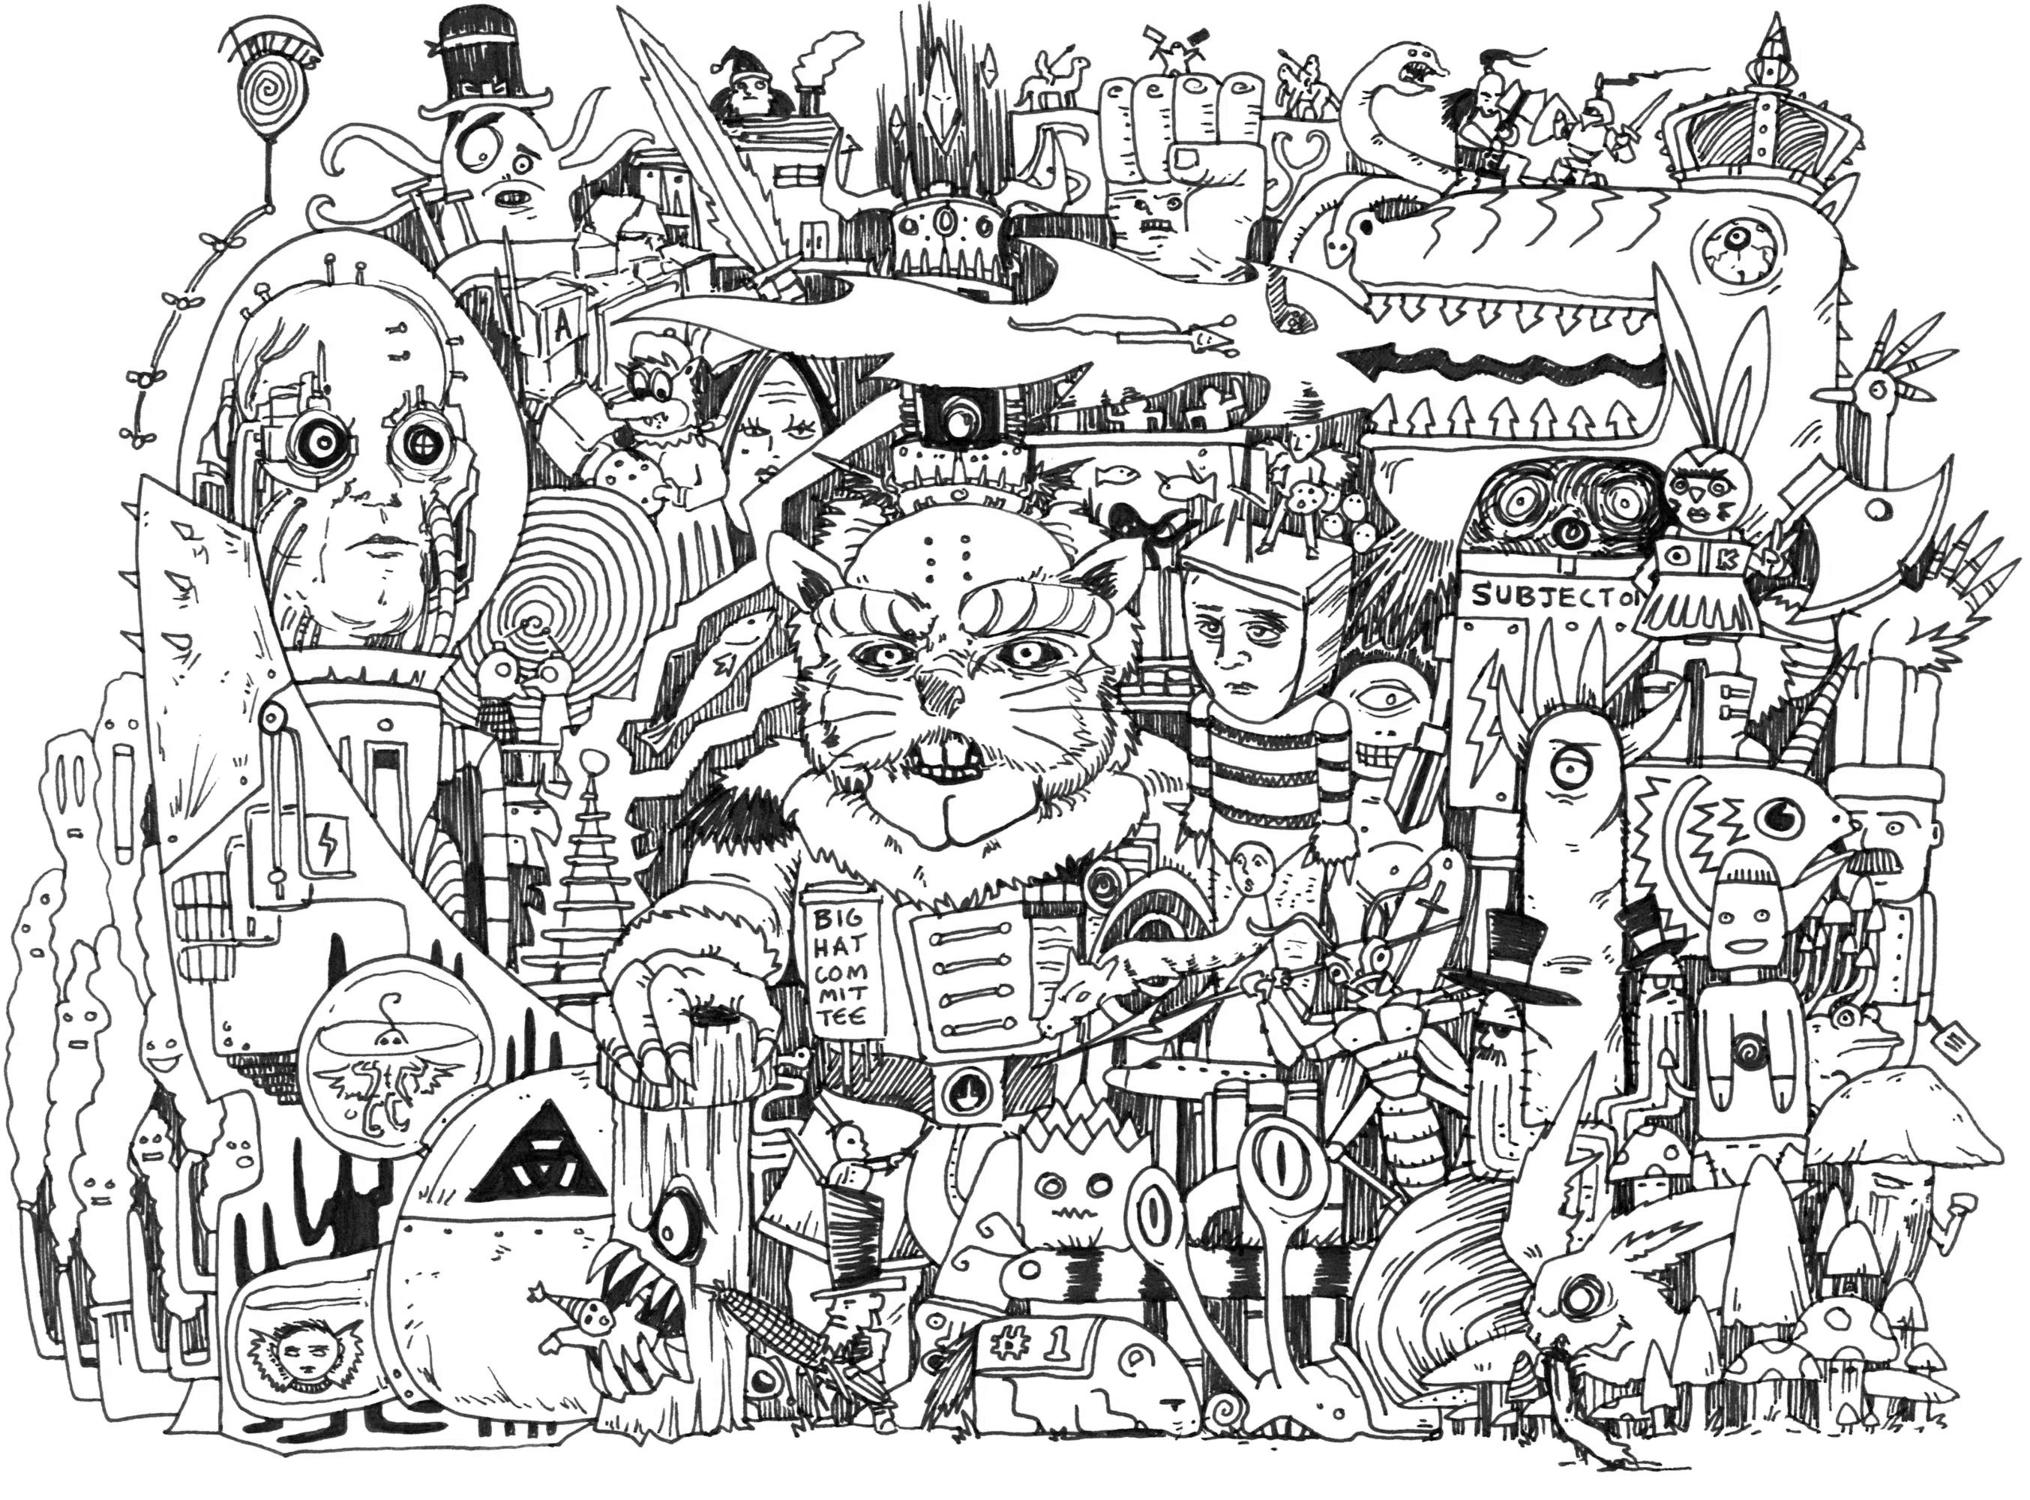 Big Hat Committee Artwork by Phillip Li